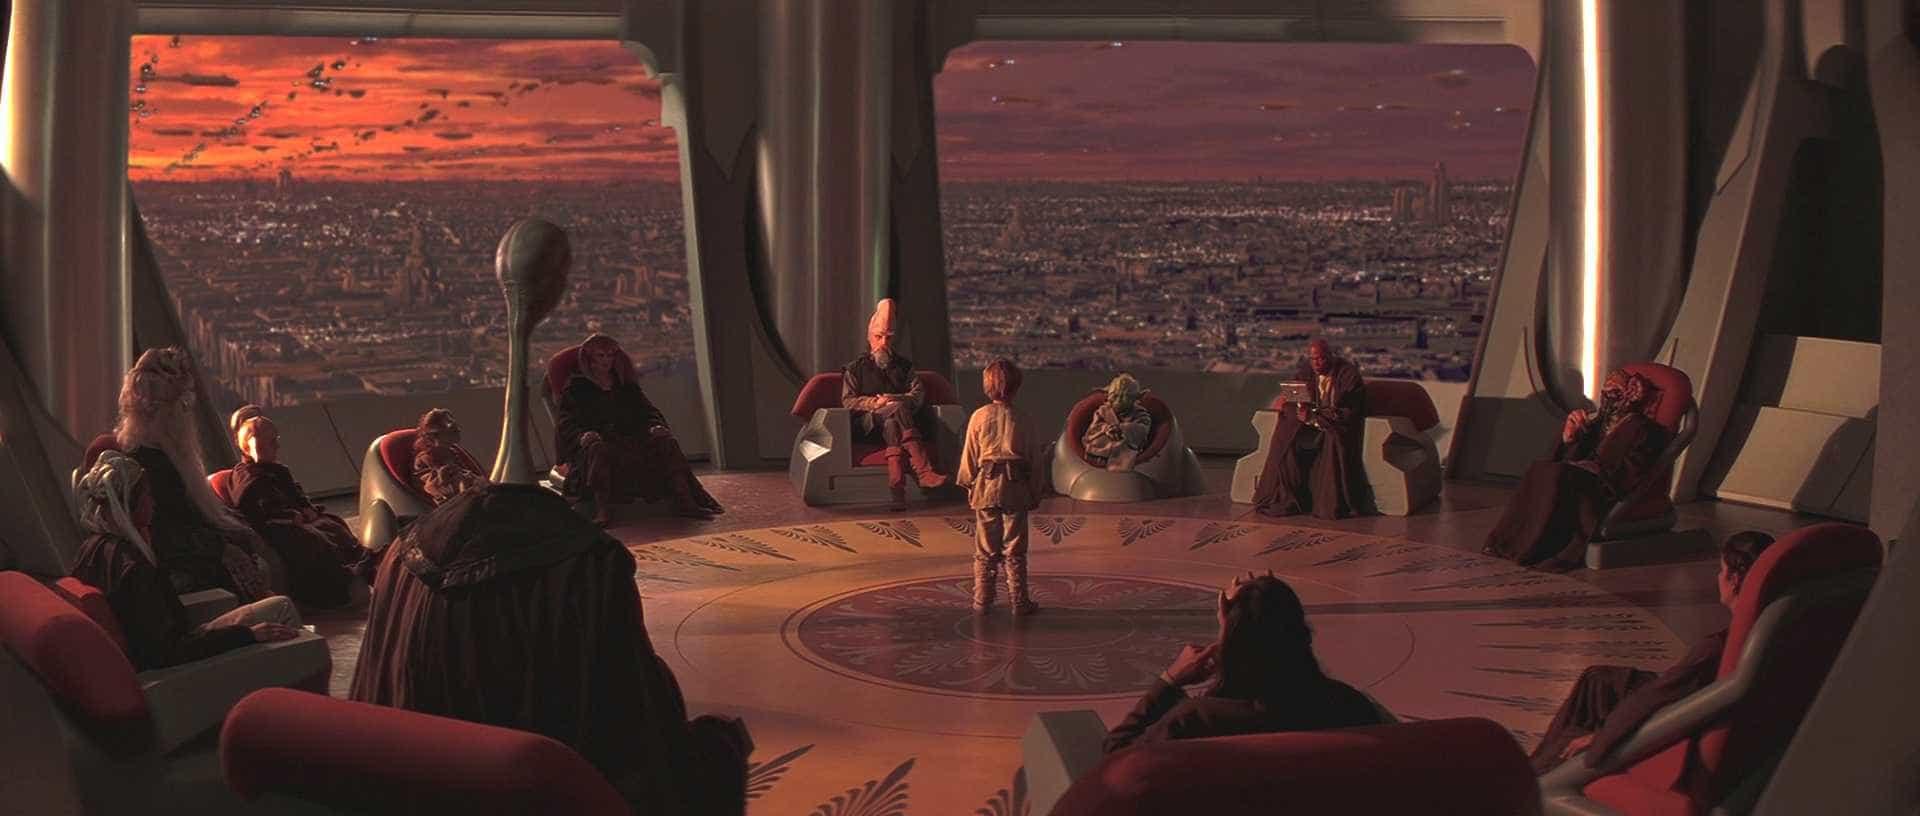 Novo jogo de 'Star Wars' será apresentado em abril